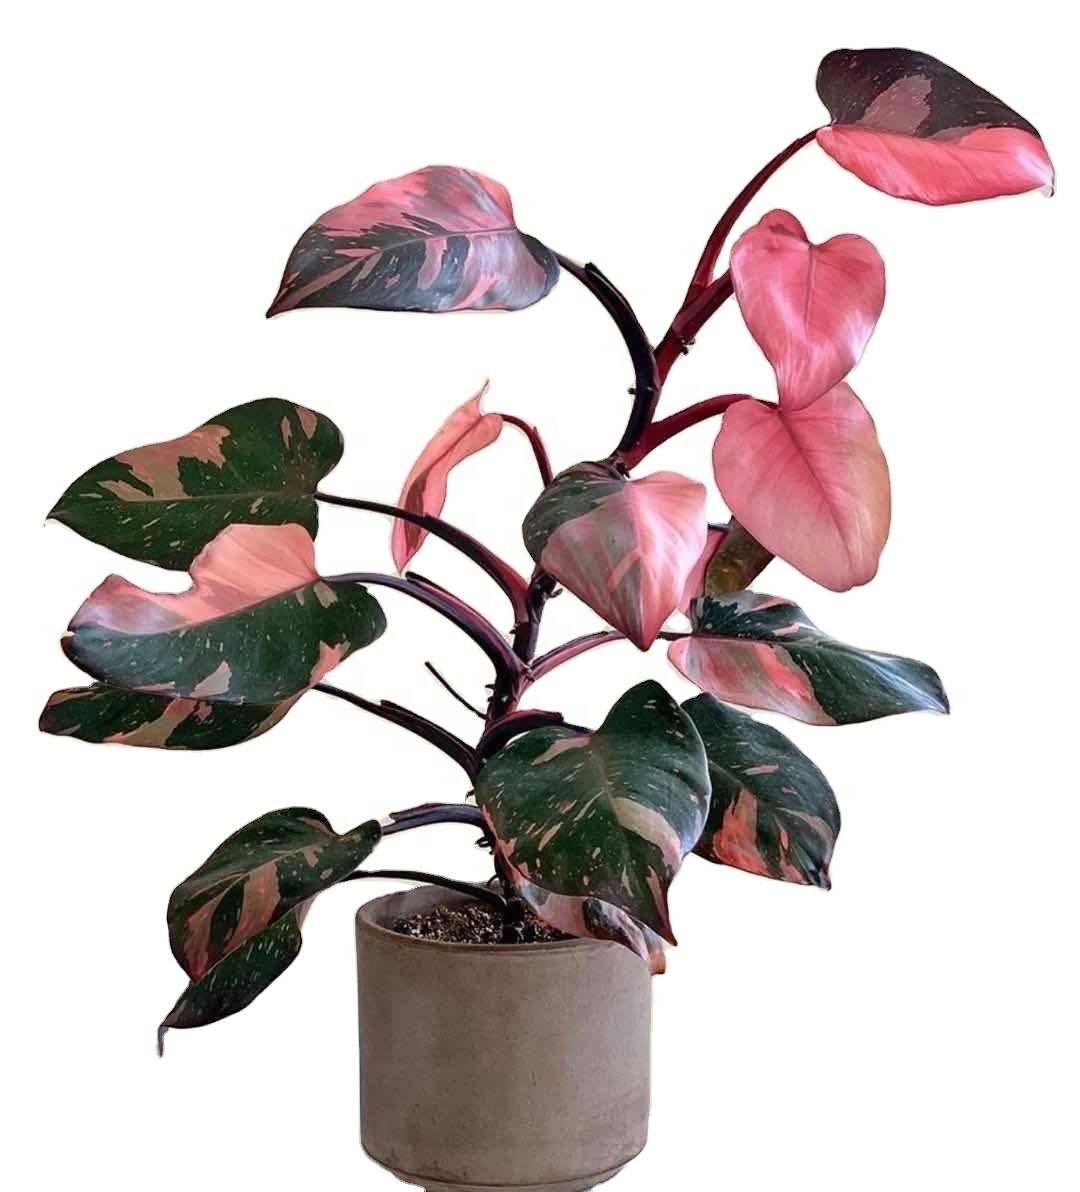 5. ต้นฟิโลเดนดรอน (Philodendron)